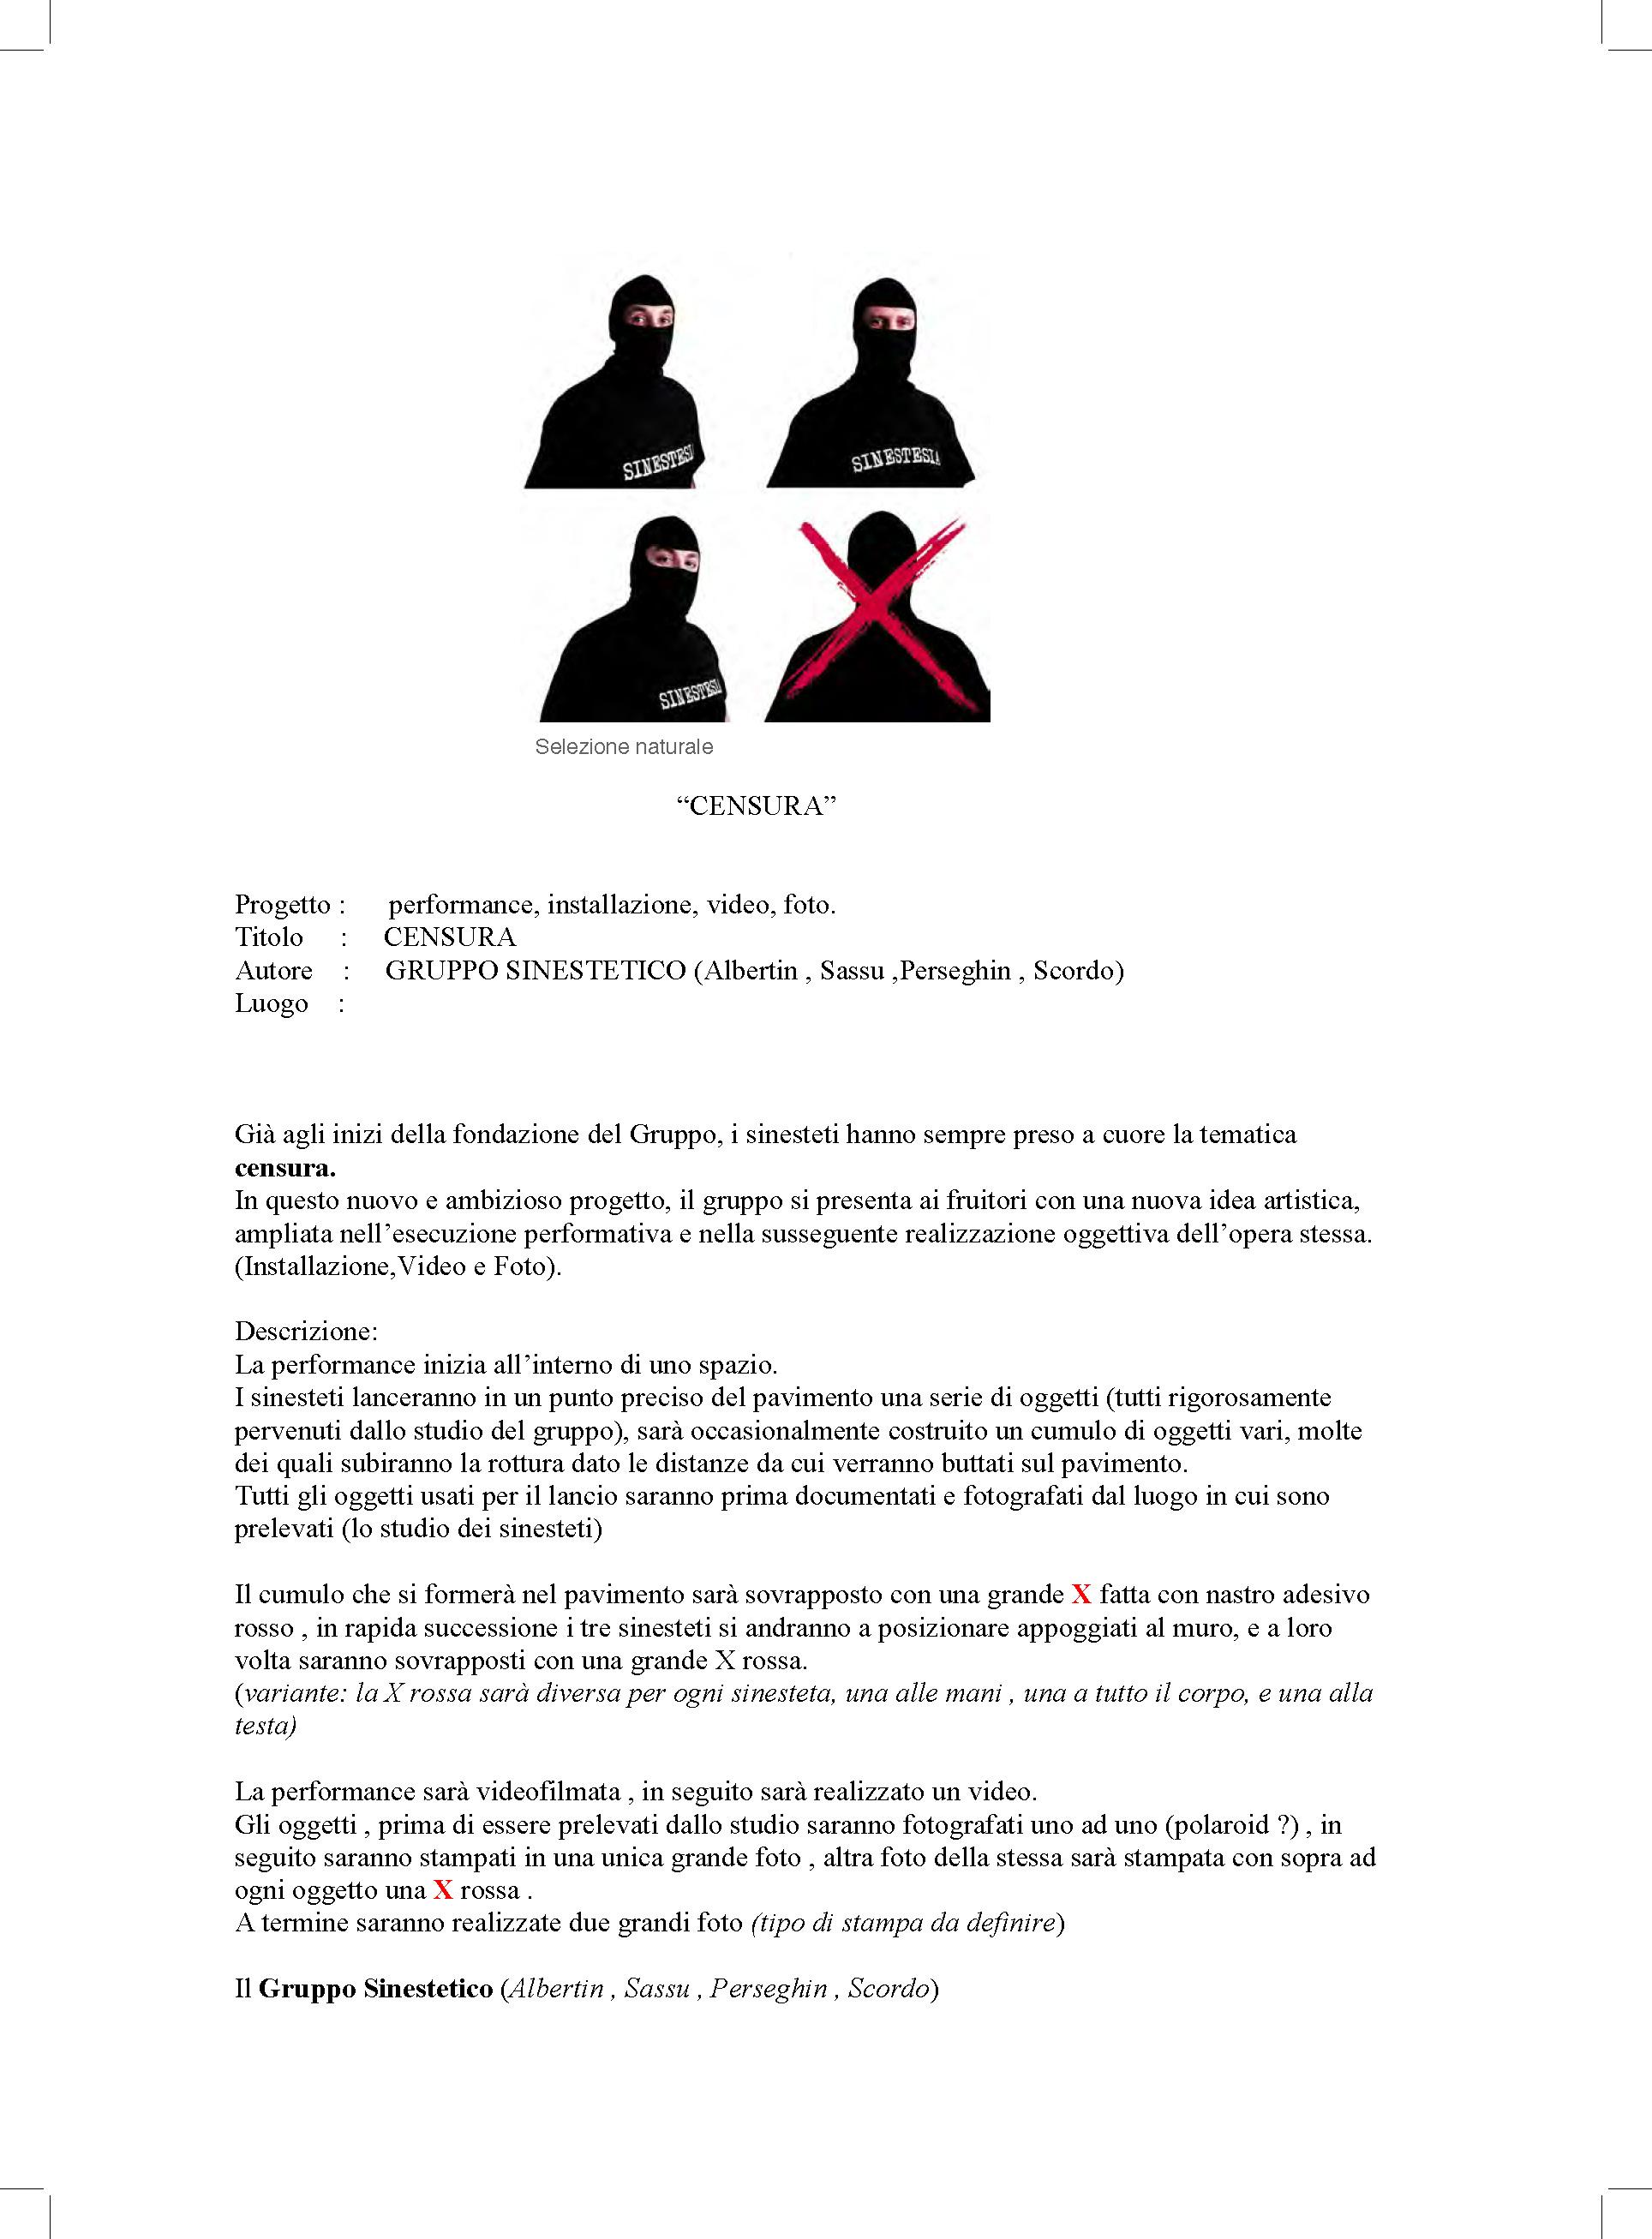 6decl-quaderno-con-segno-taglio_Pagina_26